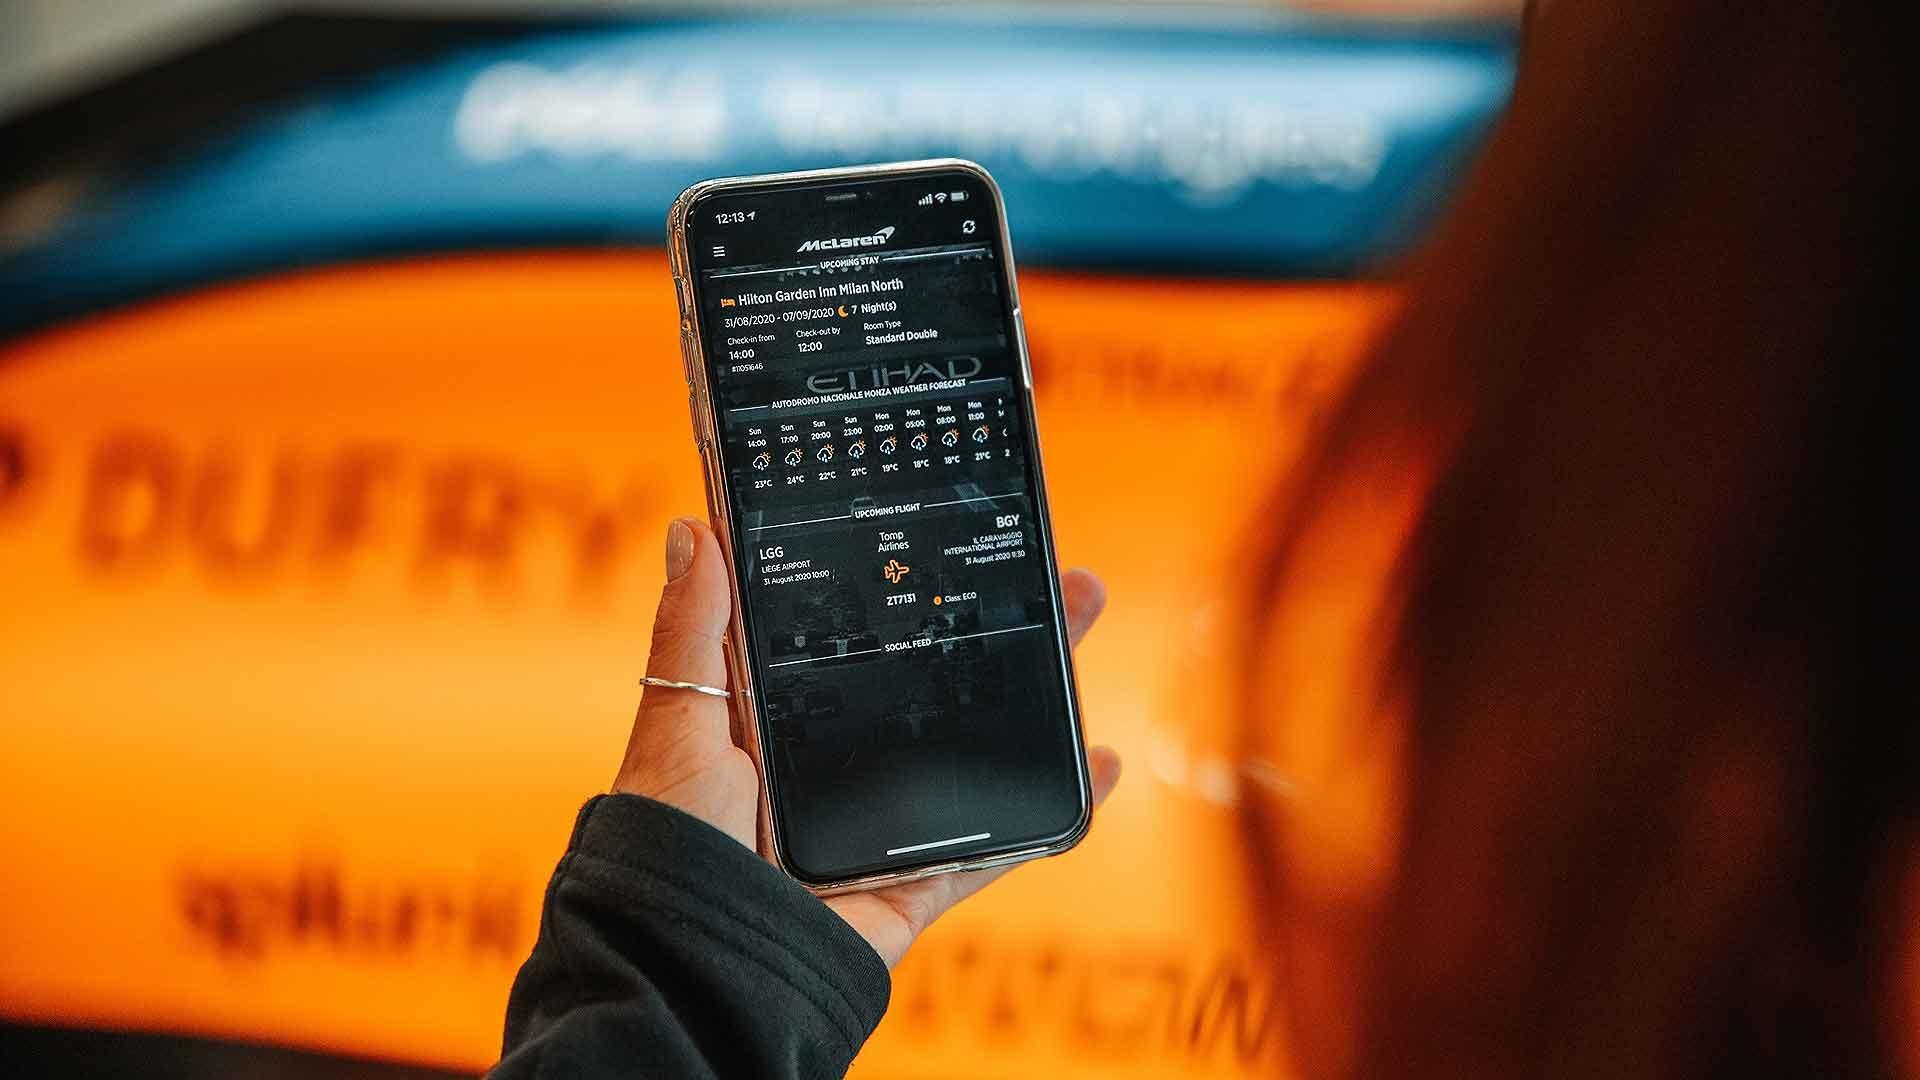 Guestia McLaren F1 app